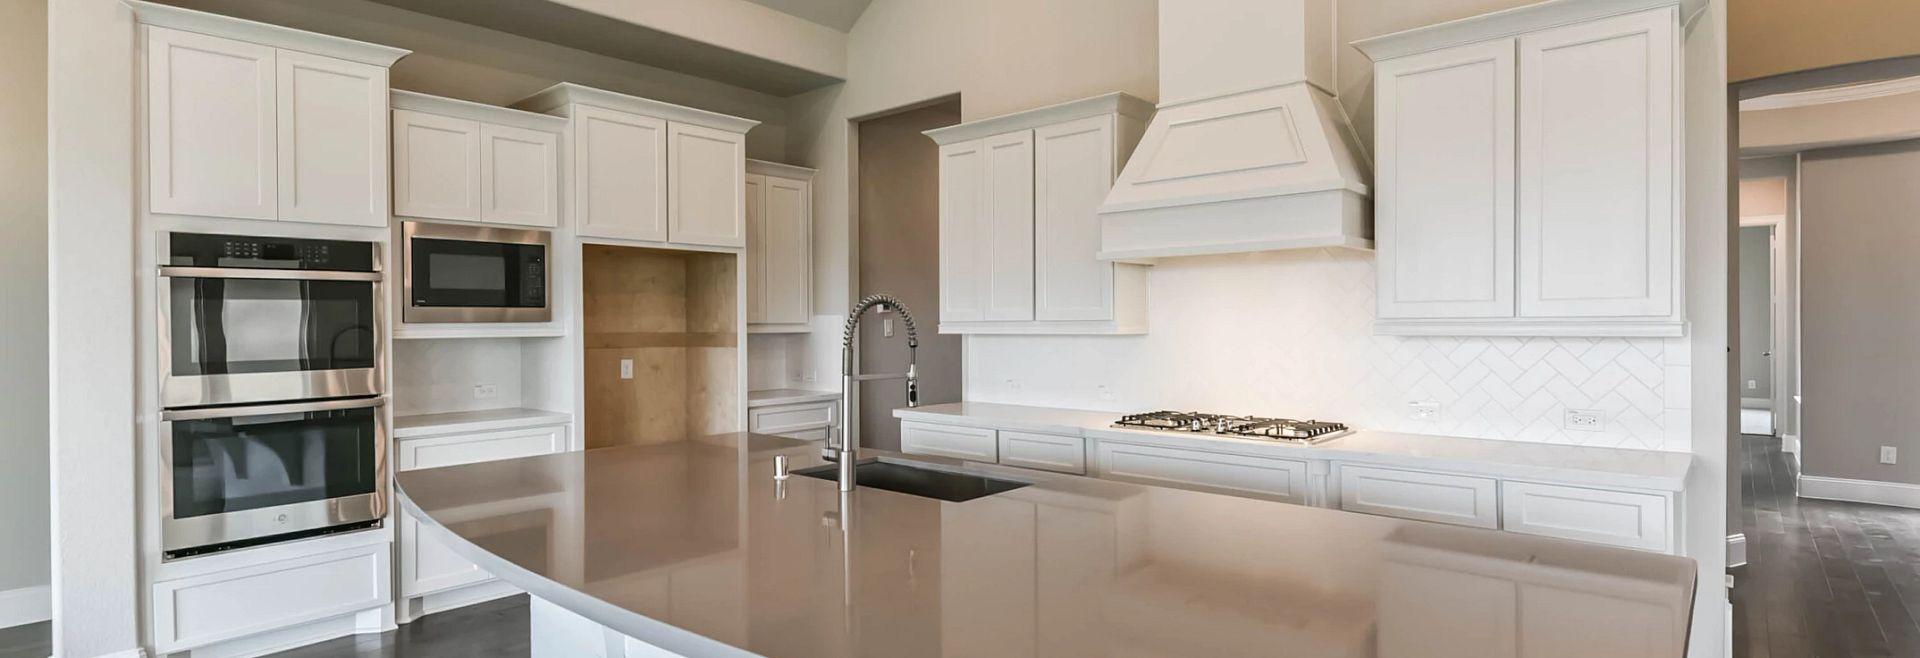 Plan 5129 Kitchen